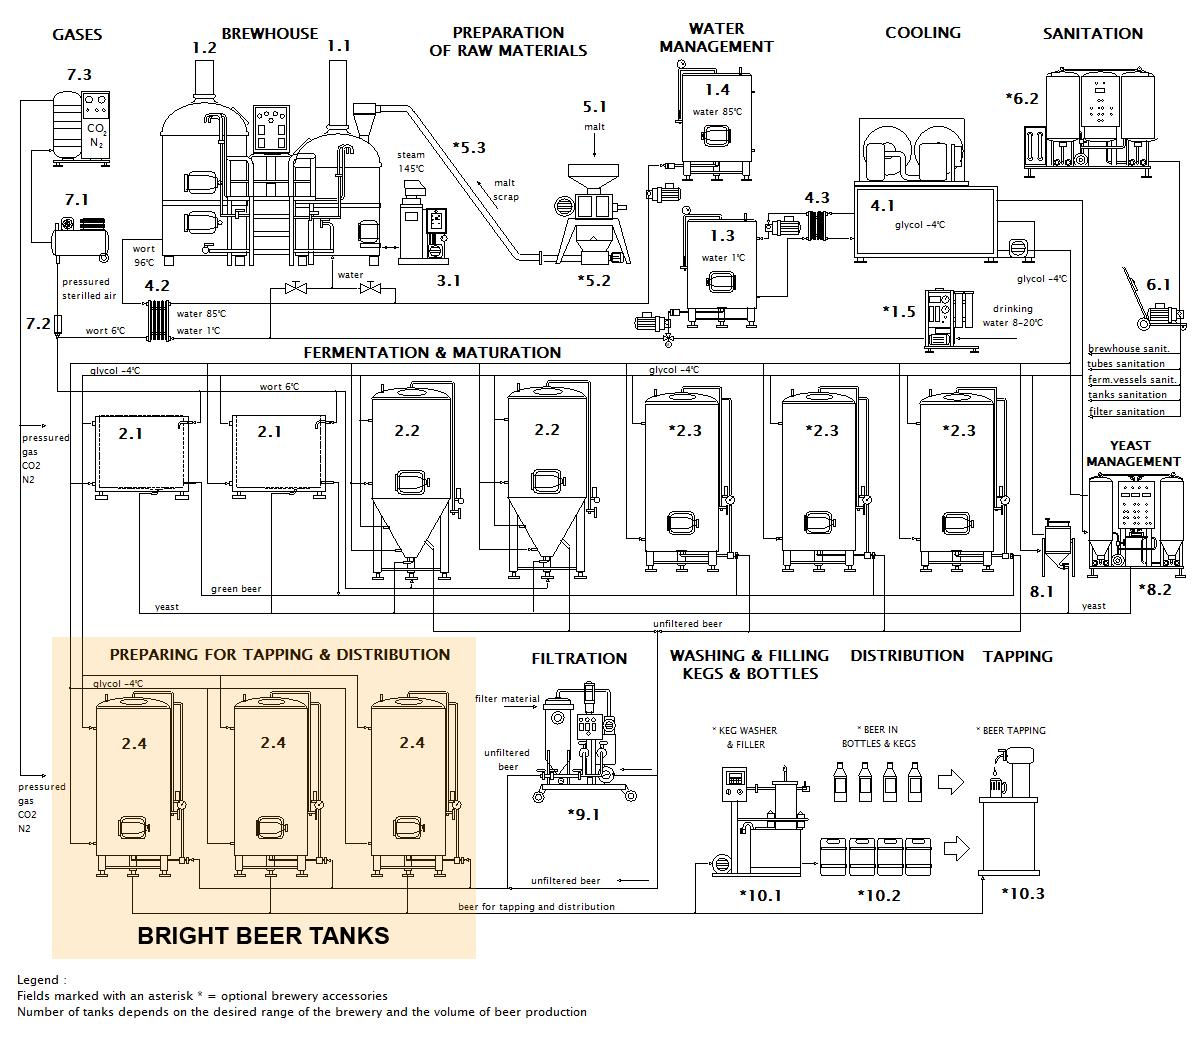 Схема пивоваренного завода светлых пивных емкостей en - BBT | Яркие пивные танки | Сервировочные баки | Кондиционирующие баки | Емкости для хранения пива